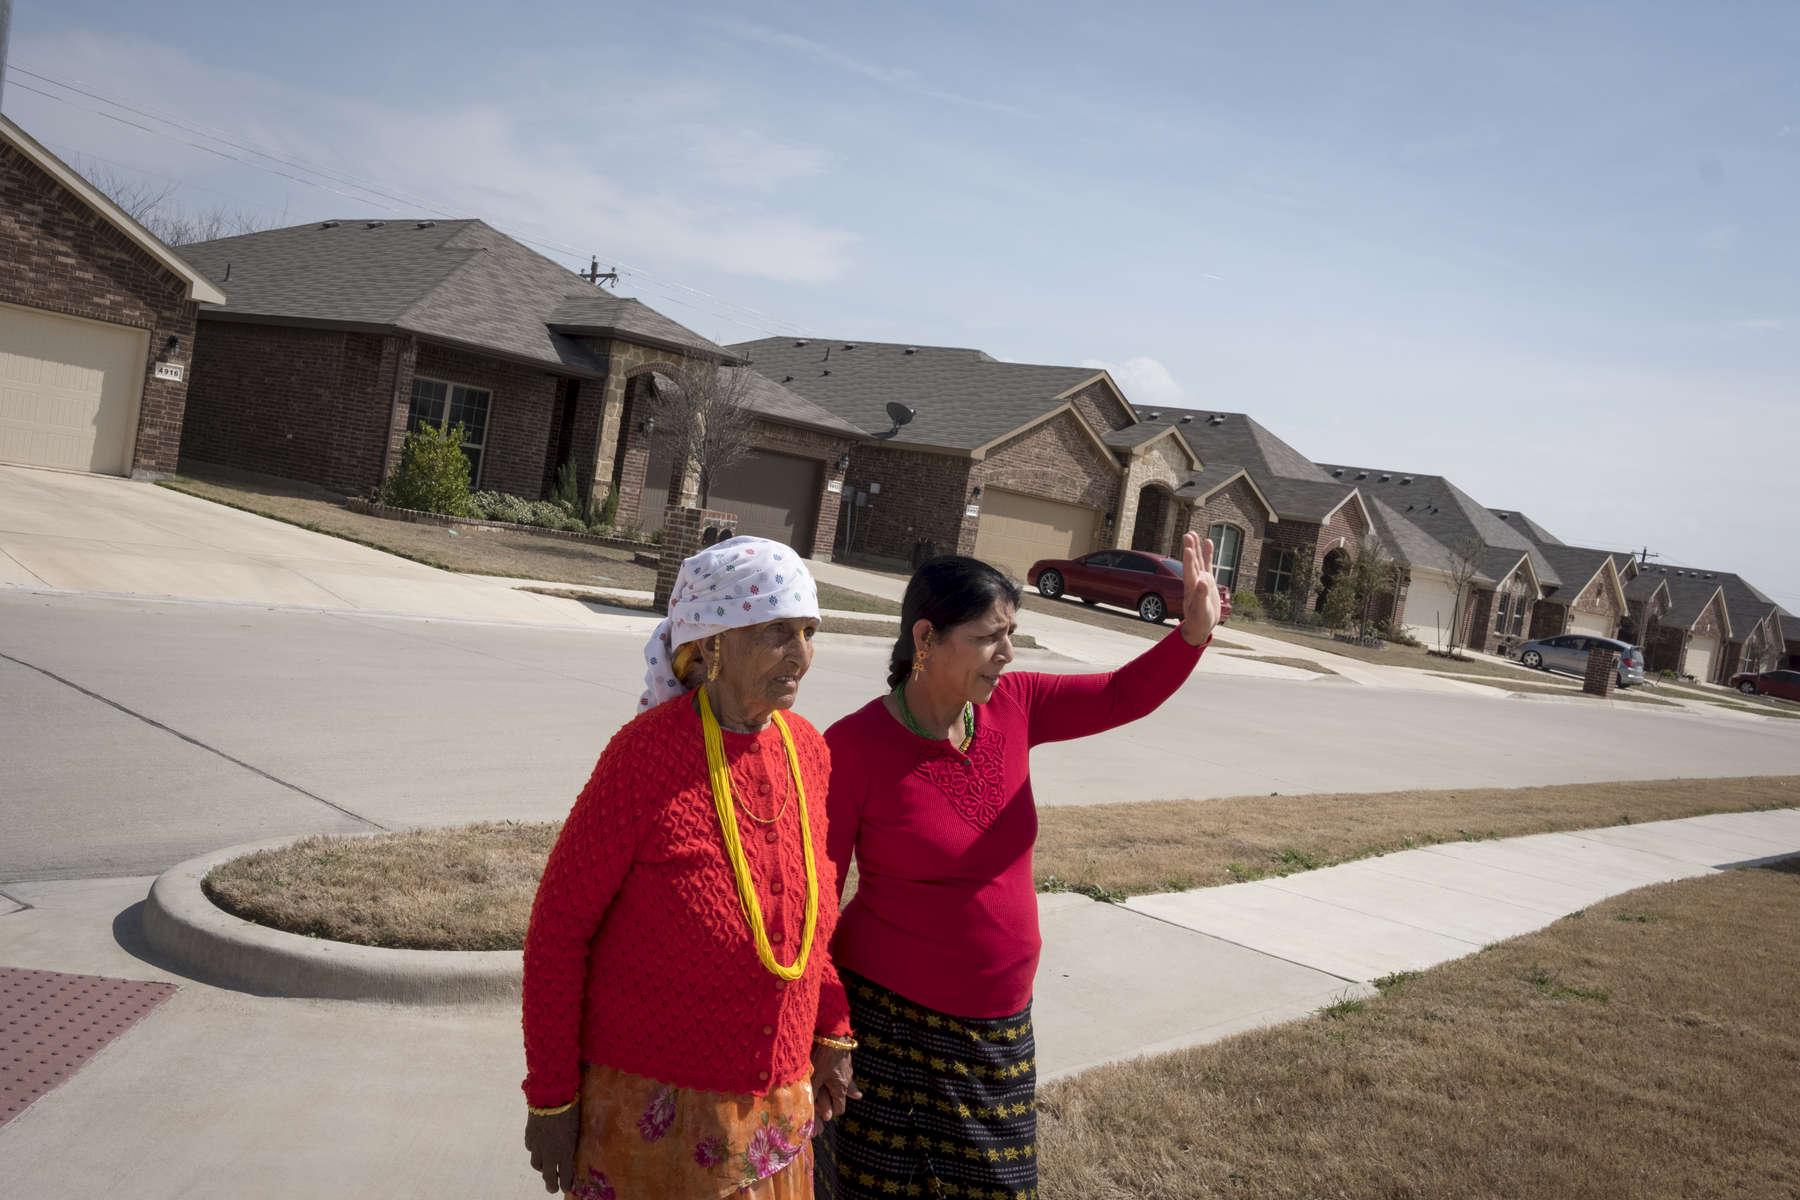 Radika Mainali  rend visite à des connaissances venues des camps comme eux. Quartier de Keller, Dallas, Texas, Etats-Unis, 2018.